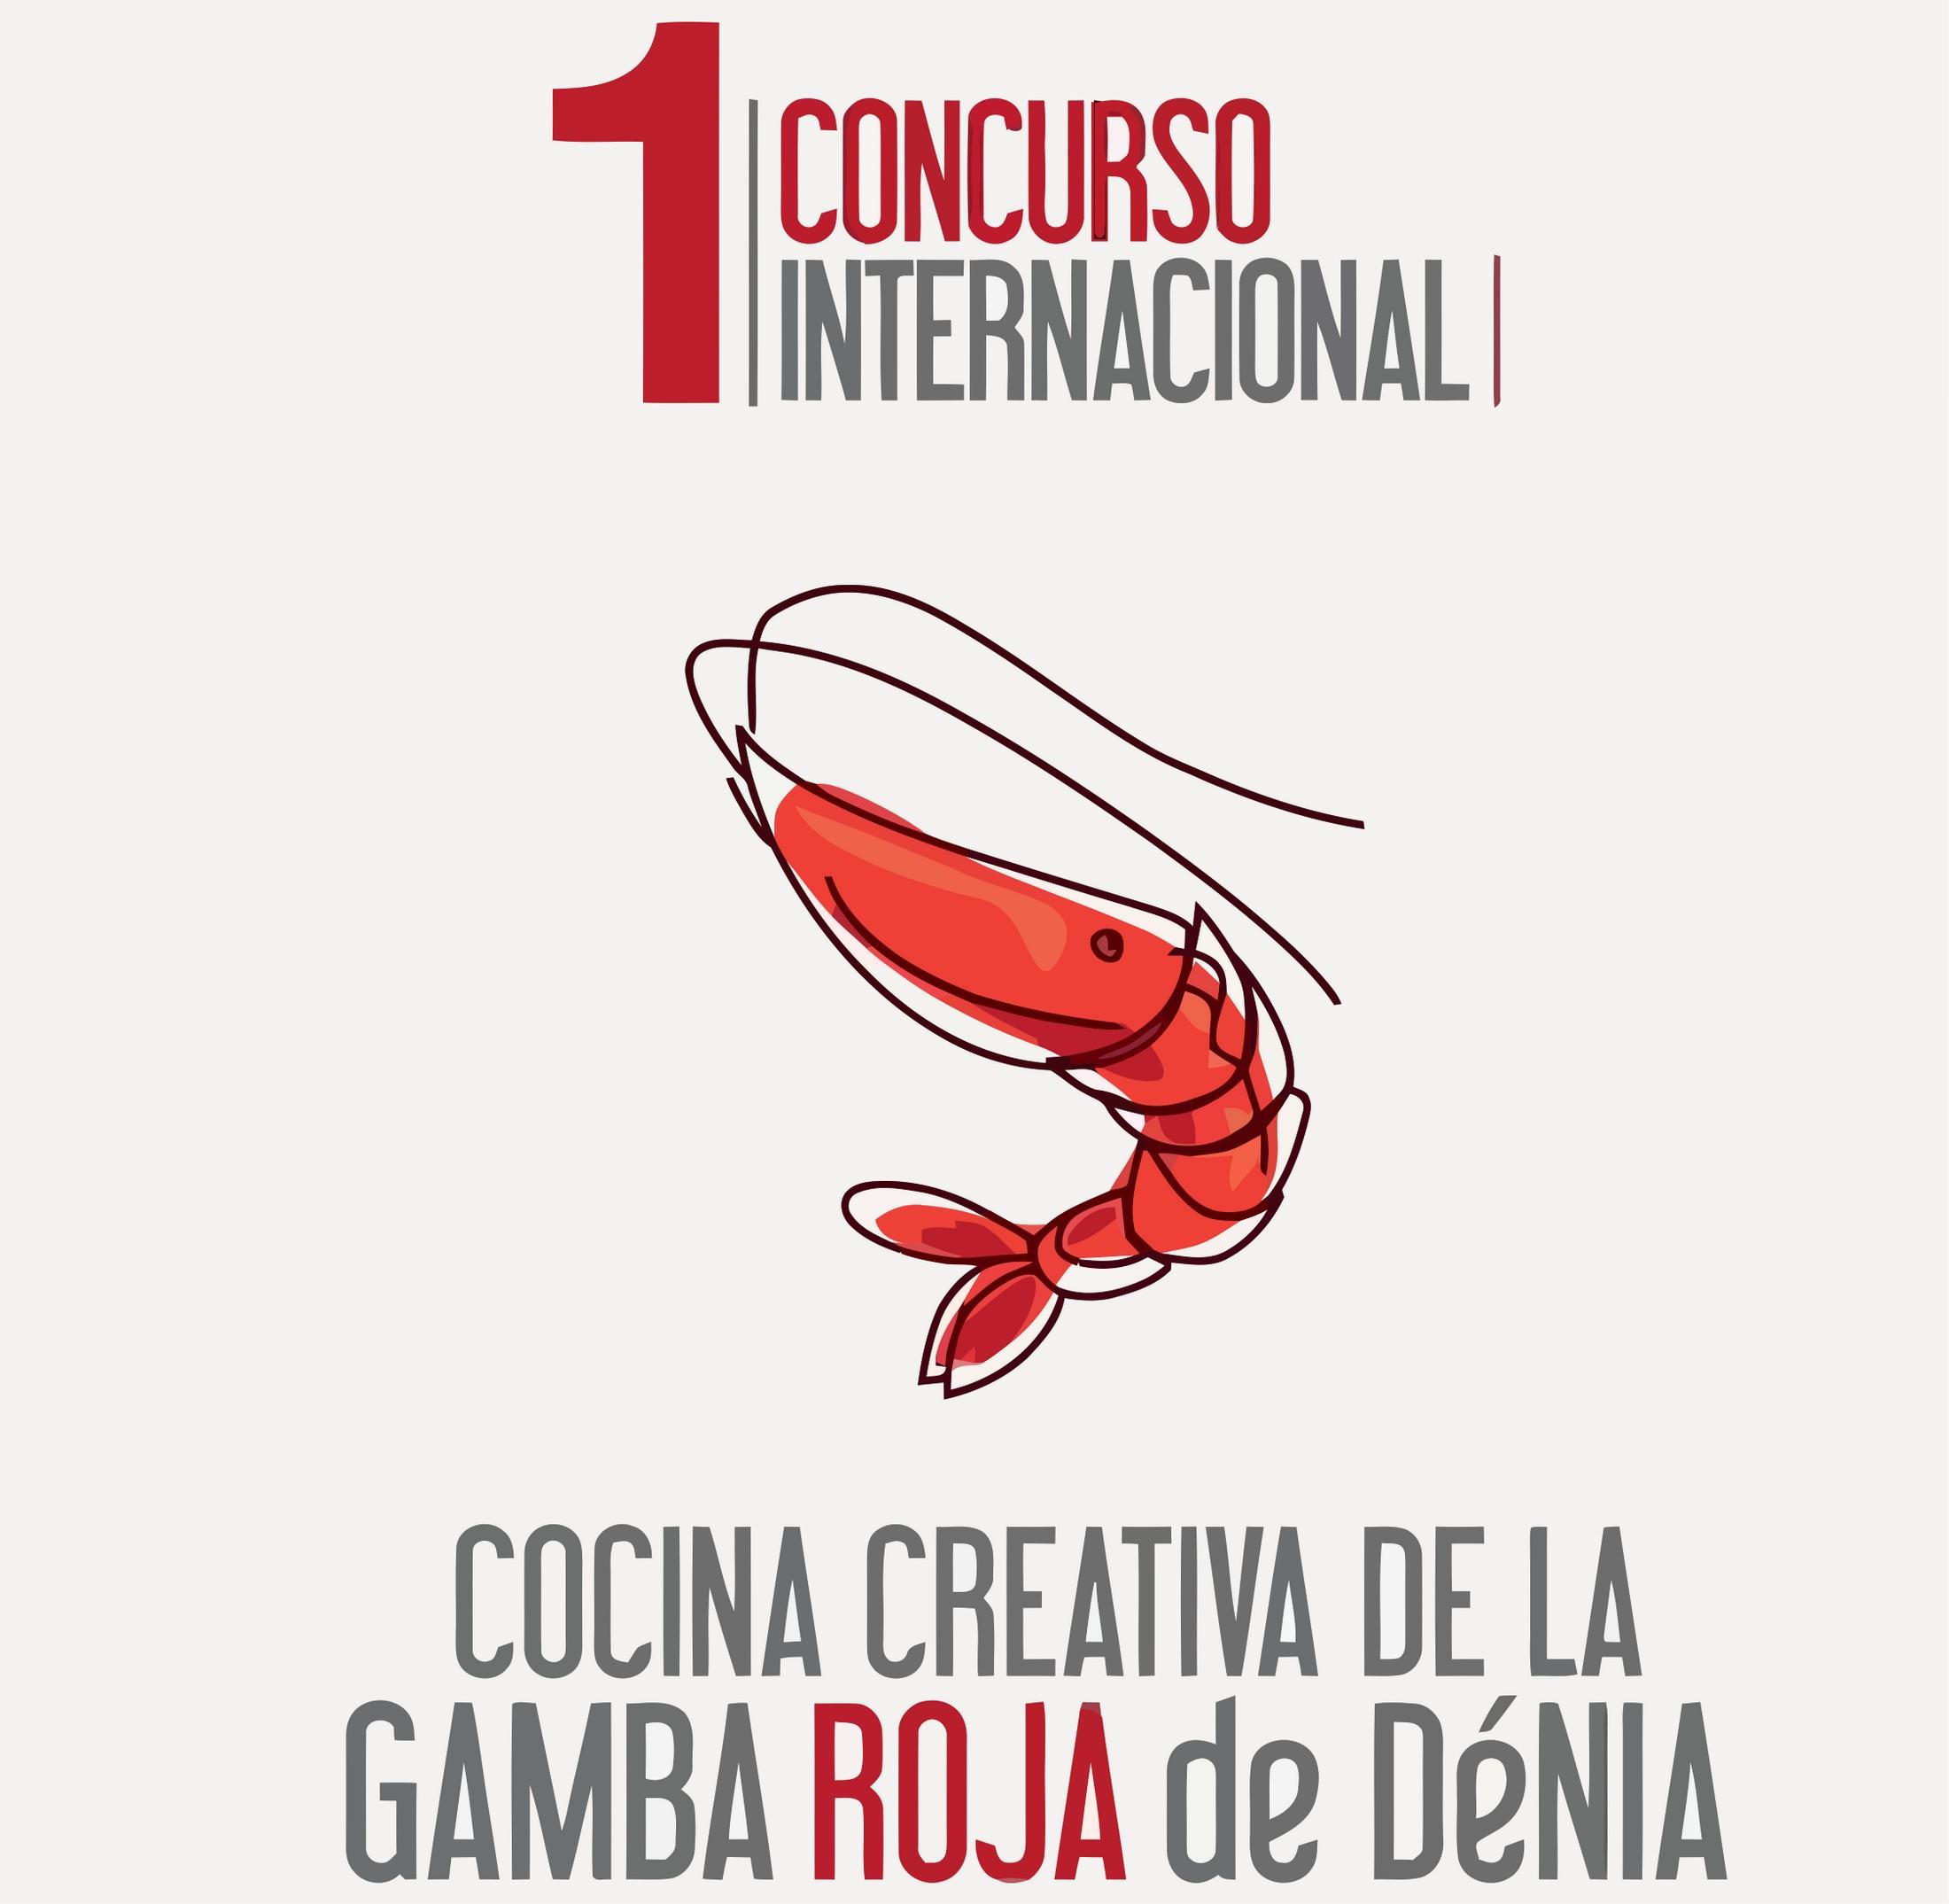 concurso internacional cocina gamba roja de denia